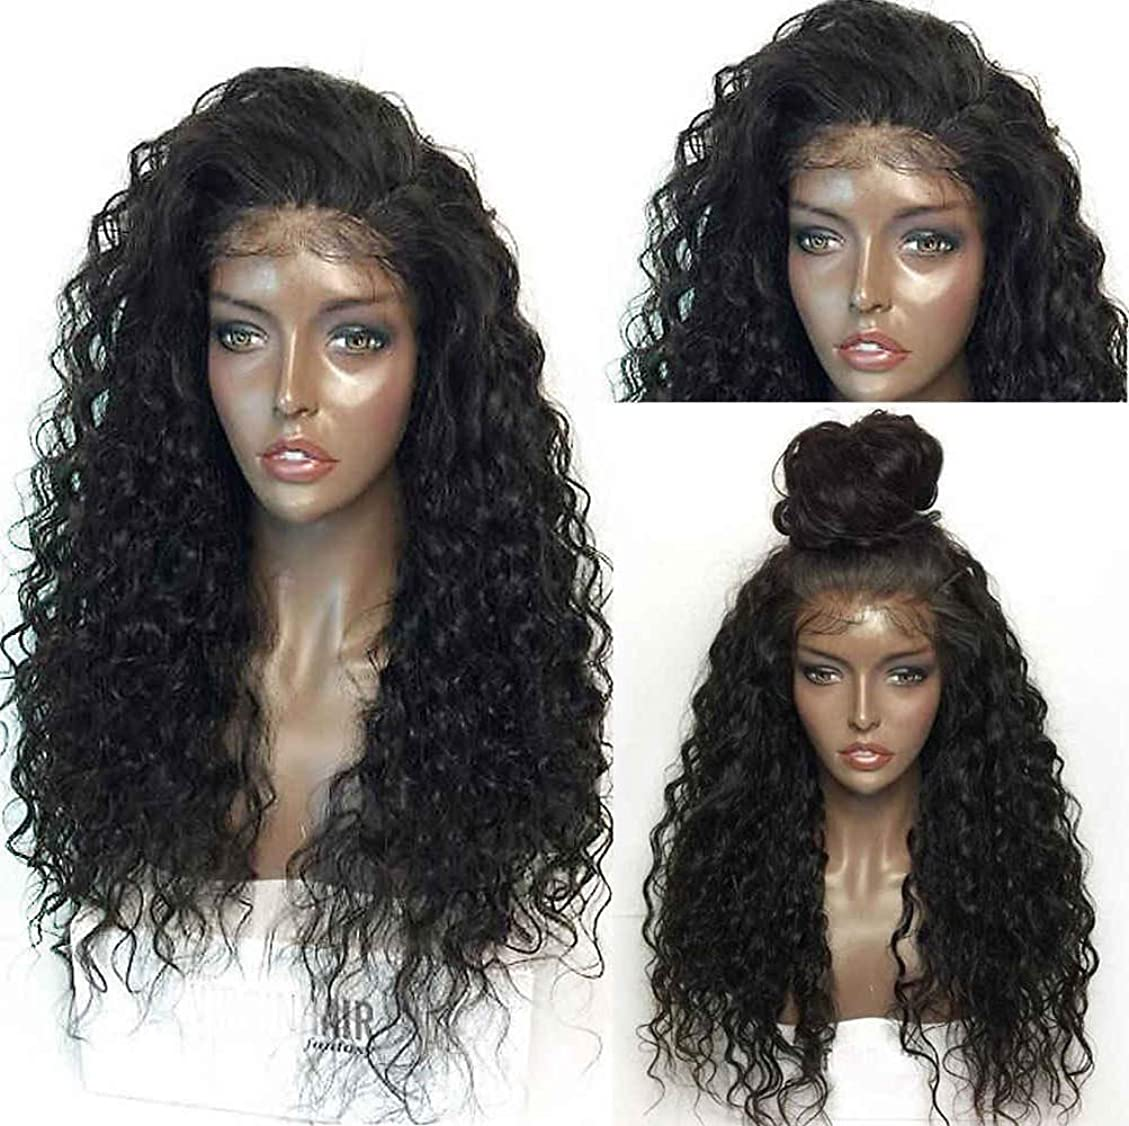 タンザニア安価な開示する女性かつら130%密度耐熱合成ロングヘアウィッグナチュラルウェーブカーリーレースフロントウィッグ